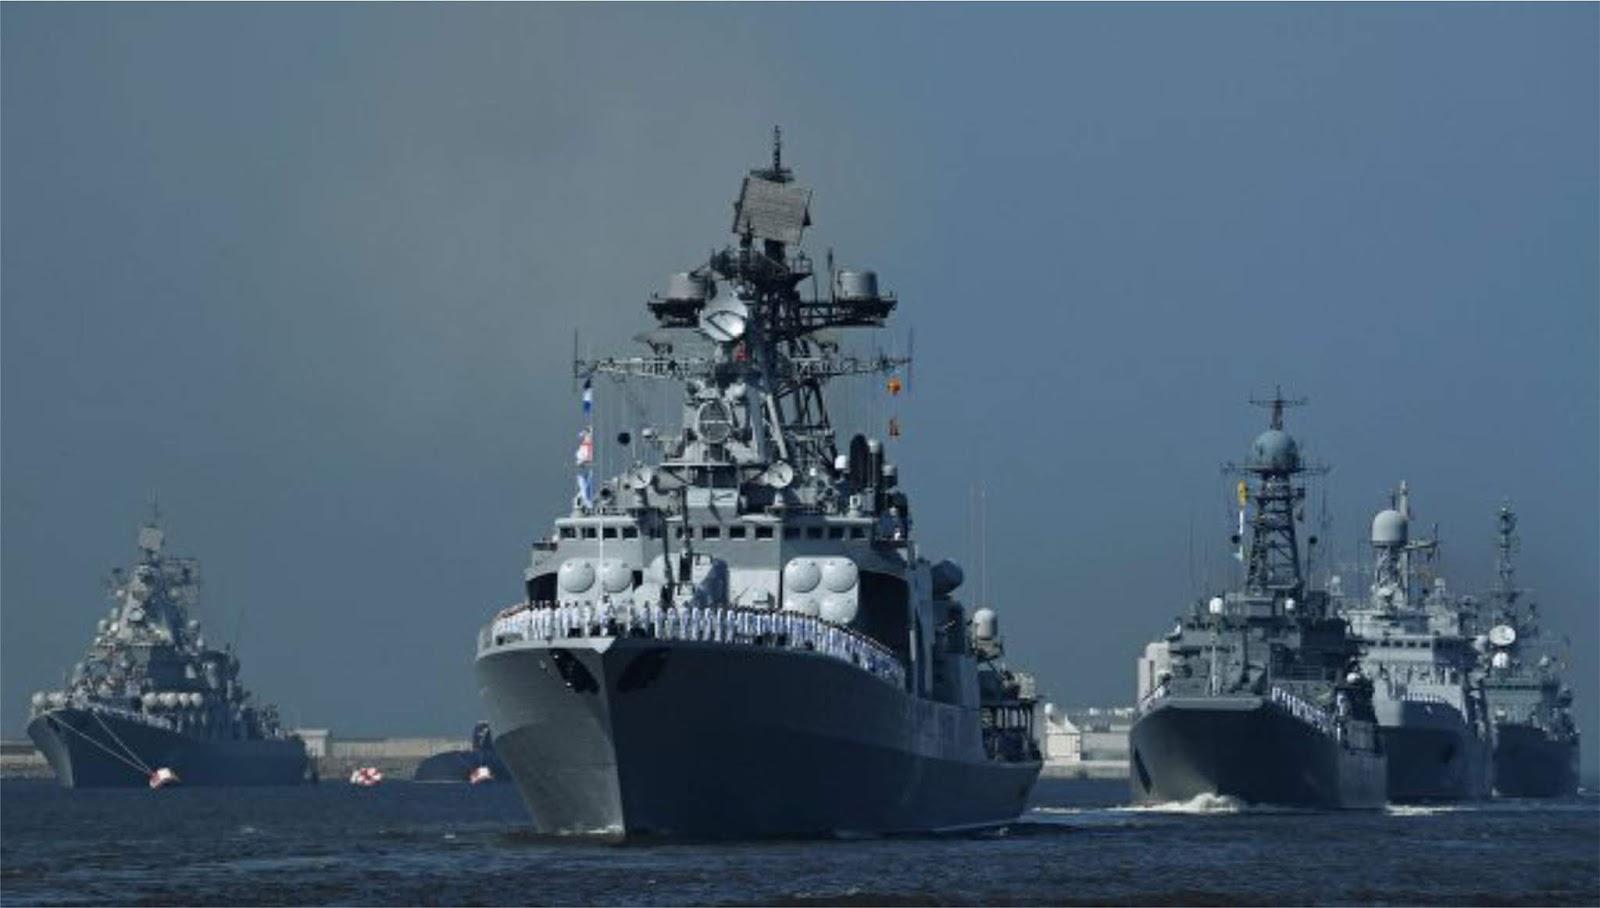 NATO mendesak pasukan militer di Mediterania untuk menahan diri